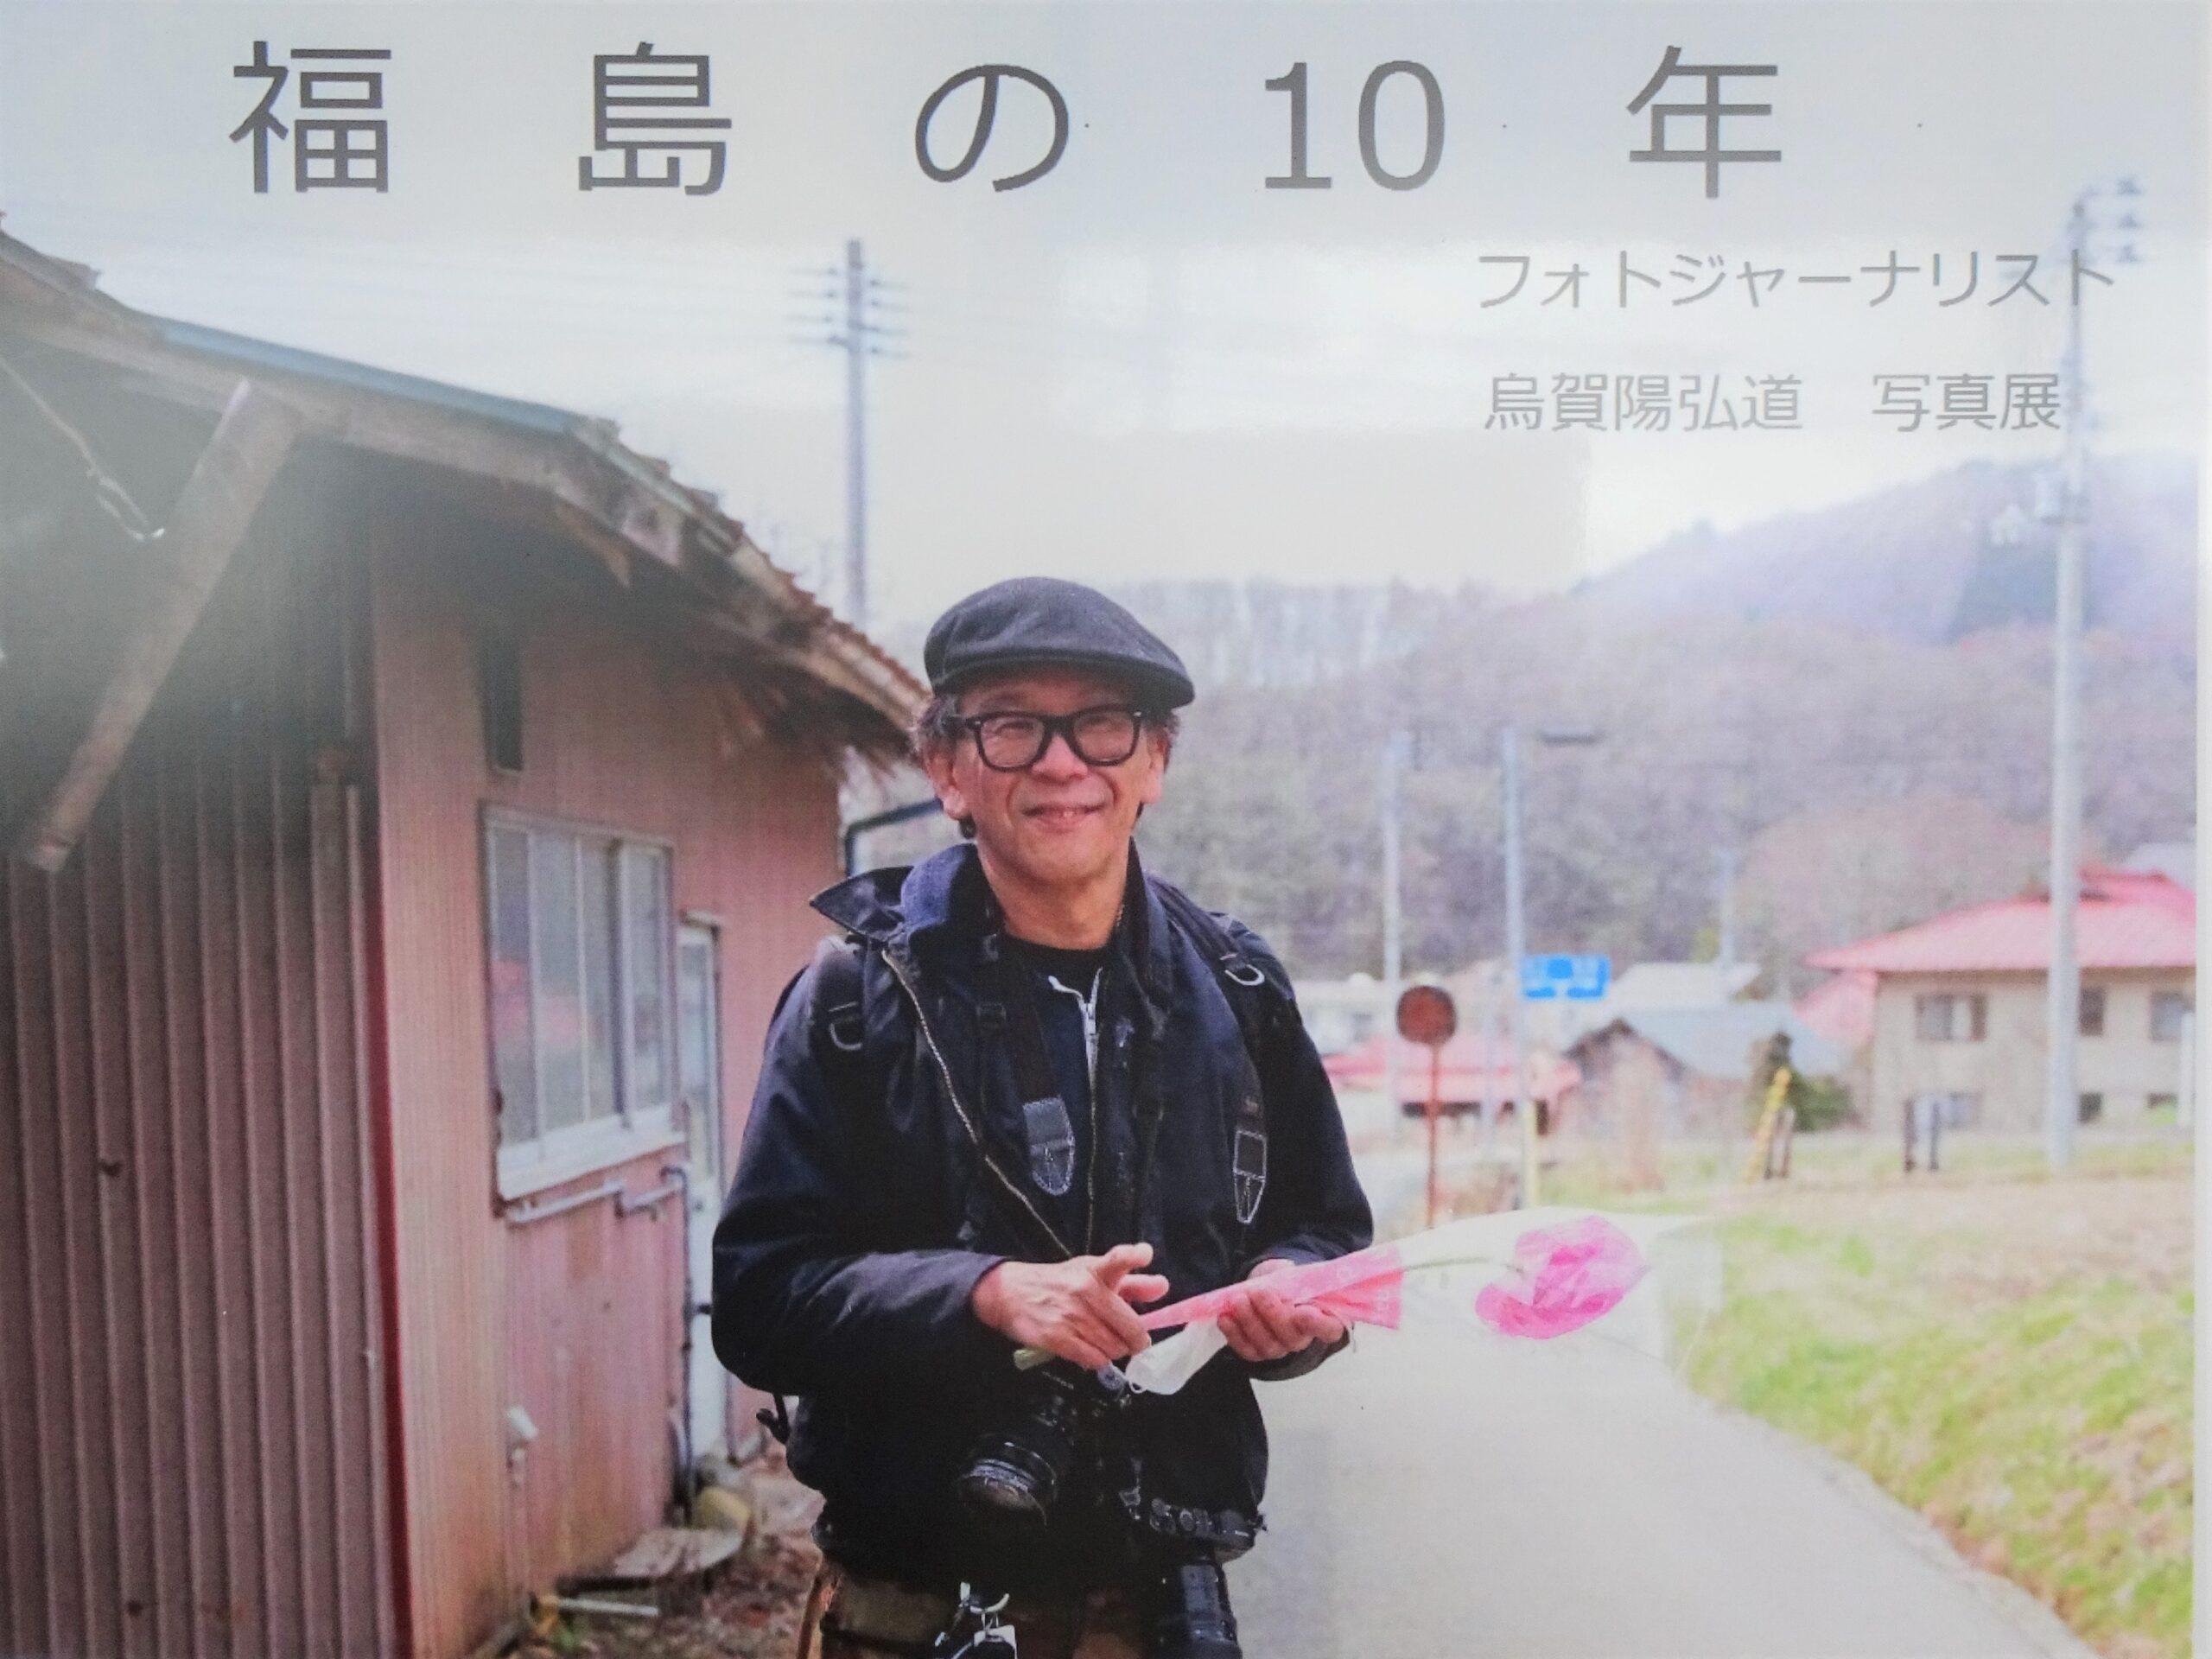 福島の10年 写真展